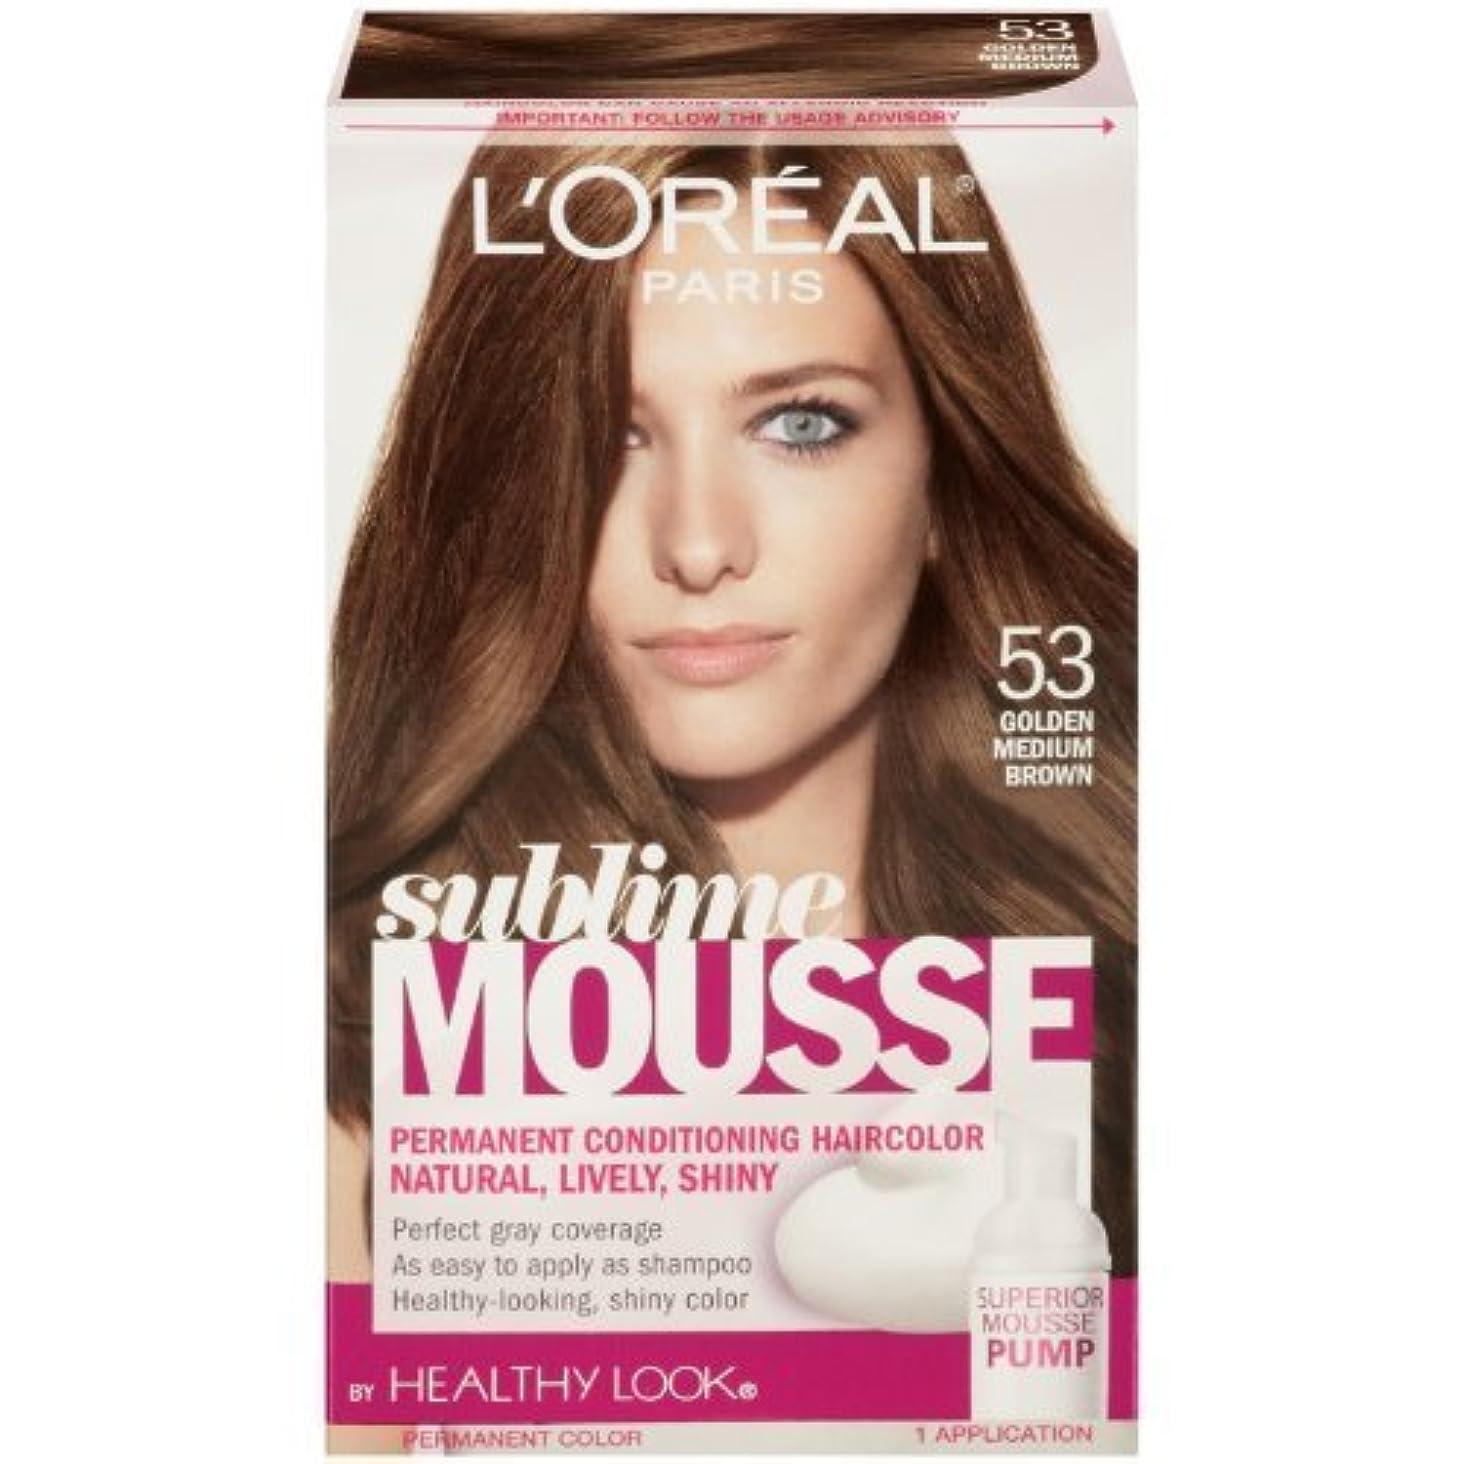 手順市の花オープニングL'Oreal Paris Sublime Mousse by Healthy Look Hair Color, 53 Golden Medium Brown by SUBLIME MOUSSE [並行輸入品]